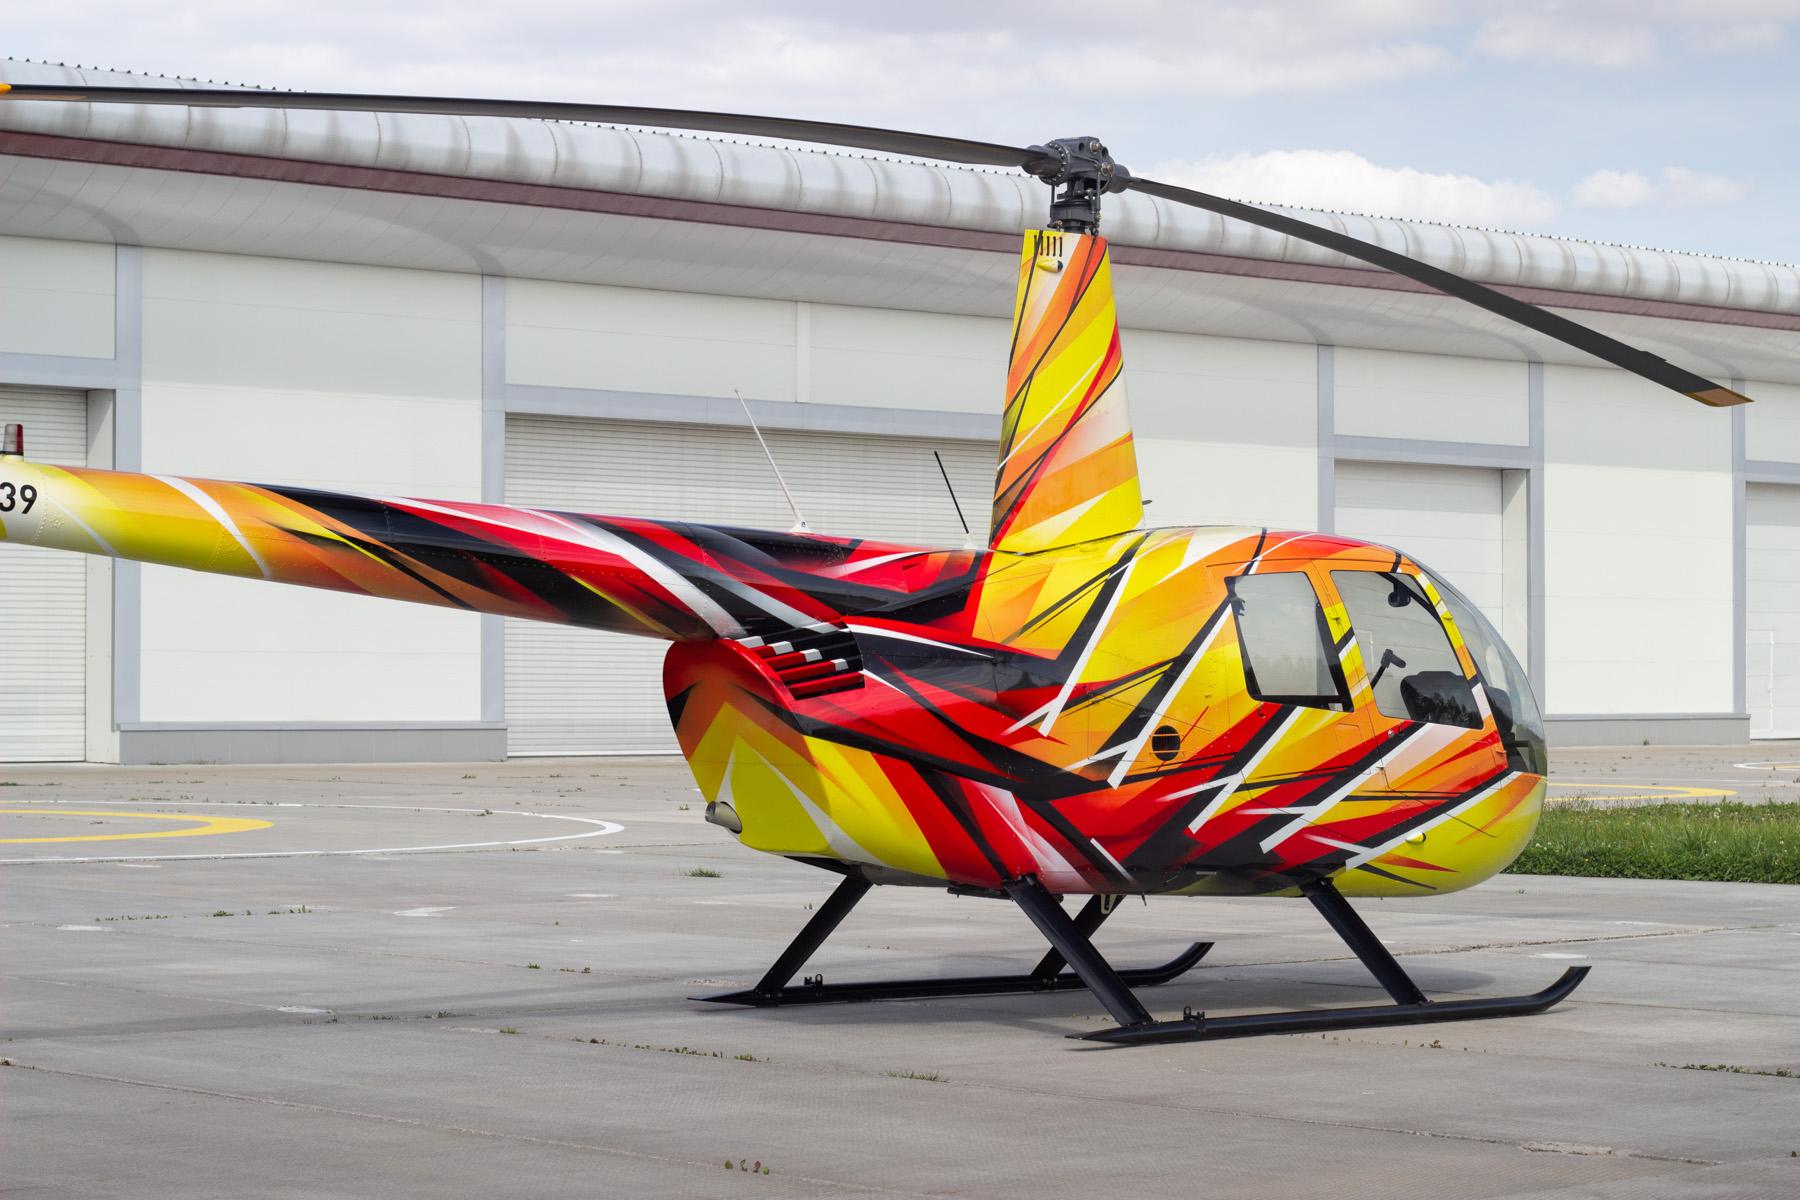 Покраска вертолета «Робинсон»